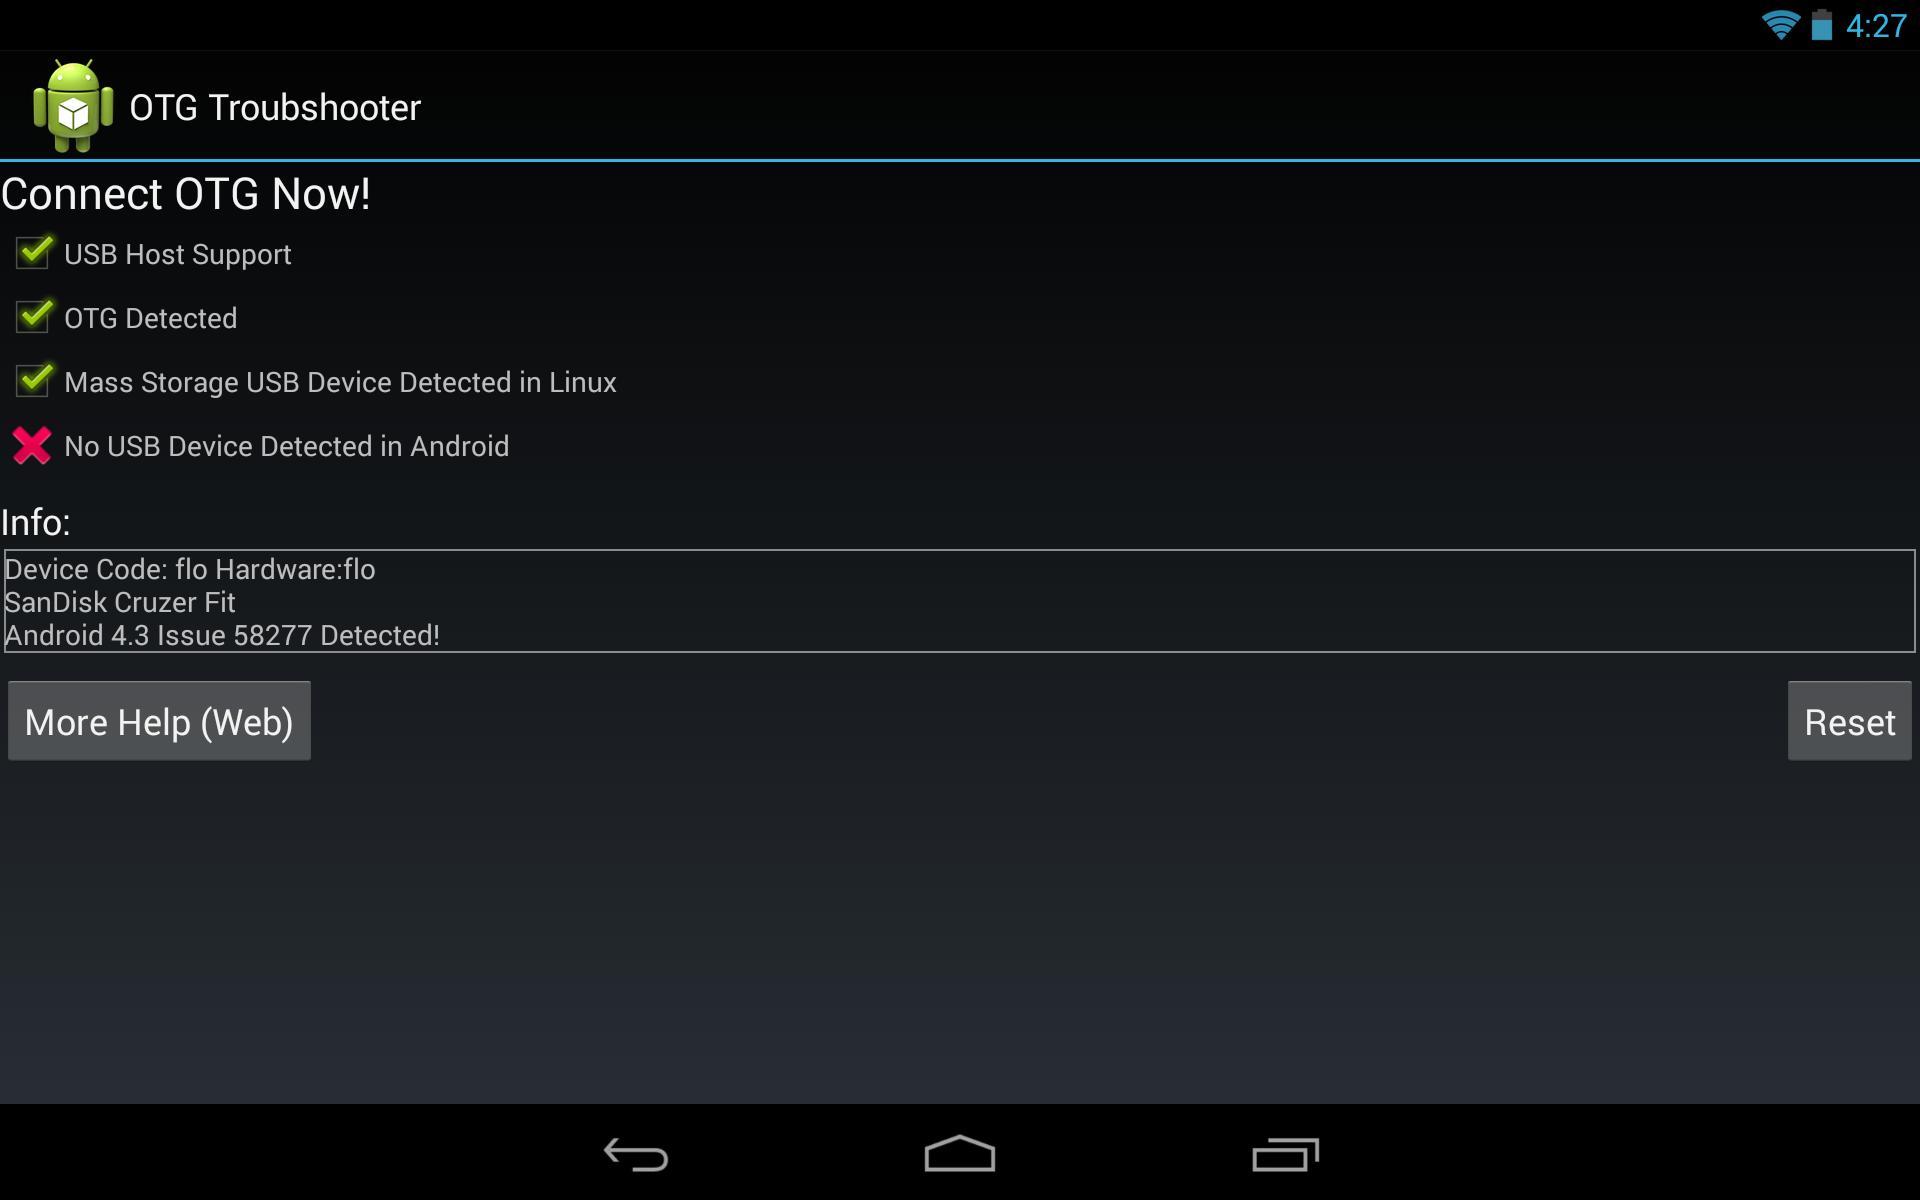 Menggunakan-OTG-Troubleshooter-Android